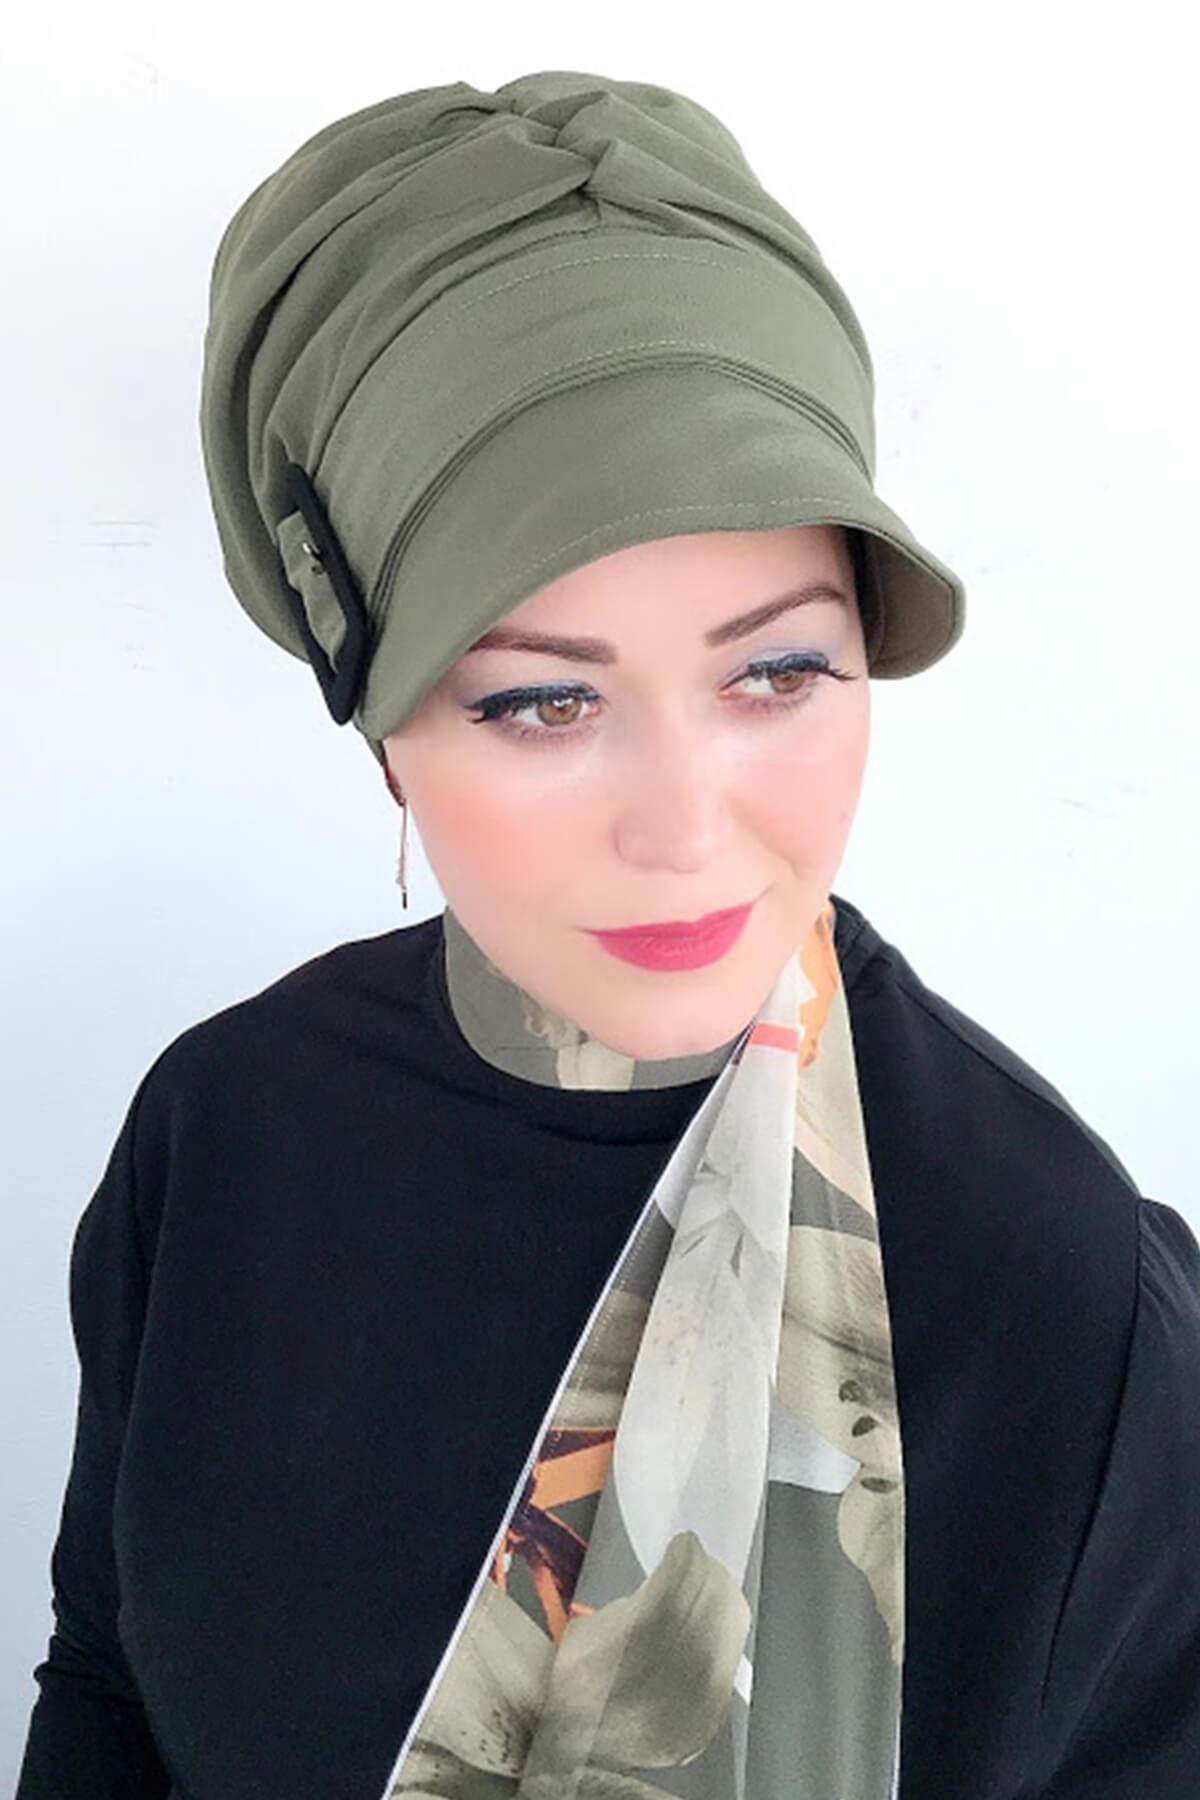 Acı Yeşil Tokalı Şapka